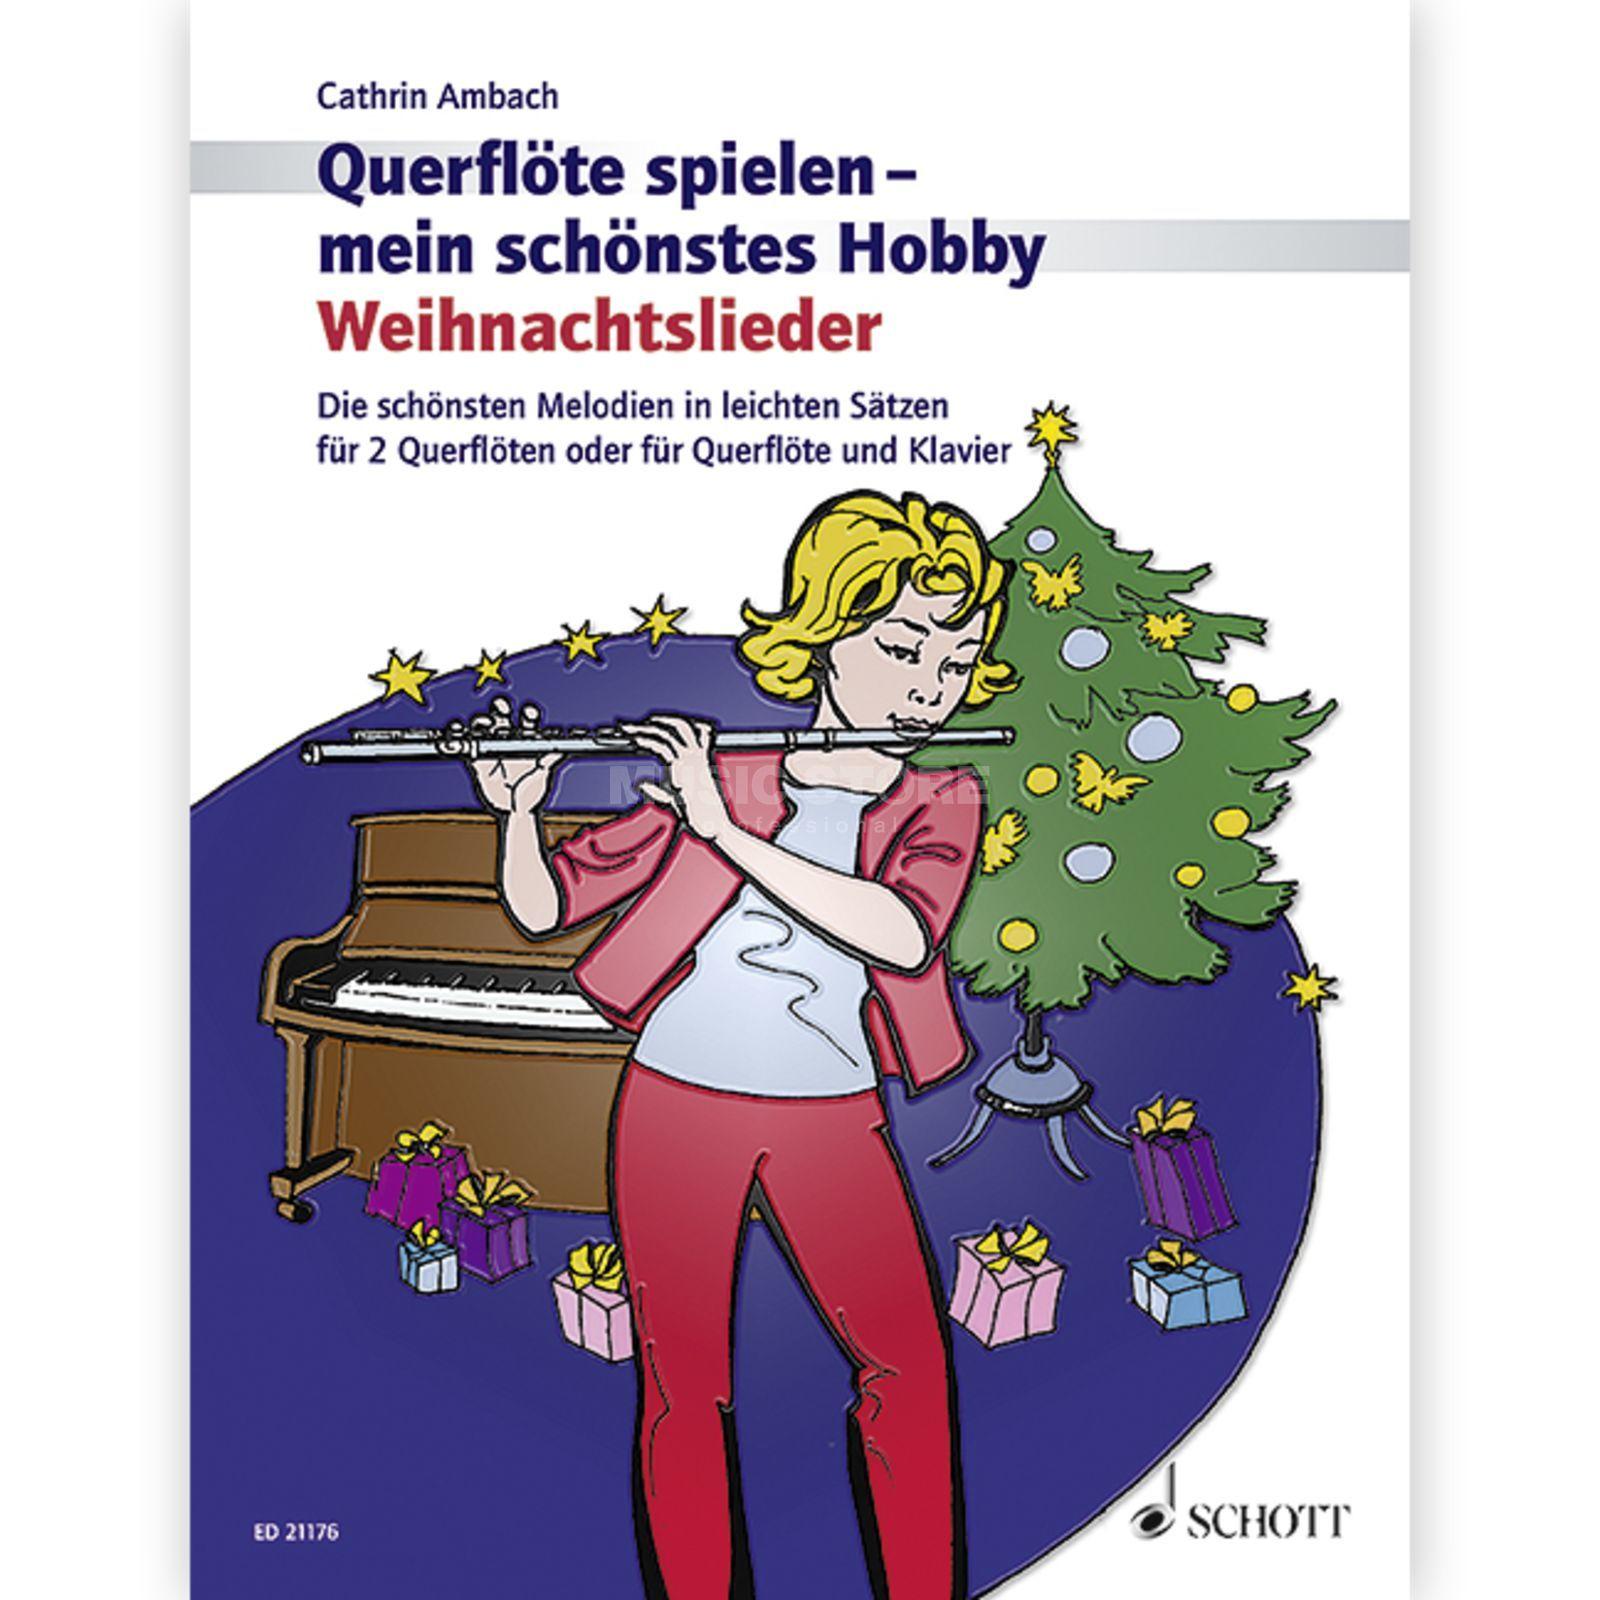 Weihnachtslieder Modern Deutsch.Weihnachtslieder